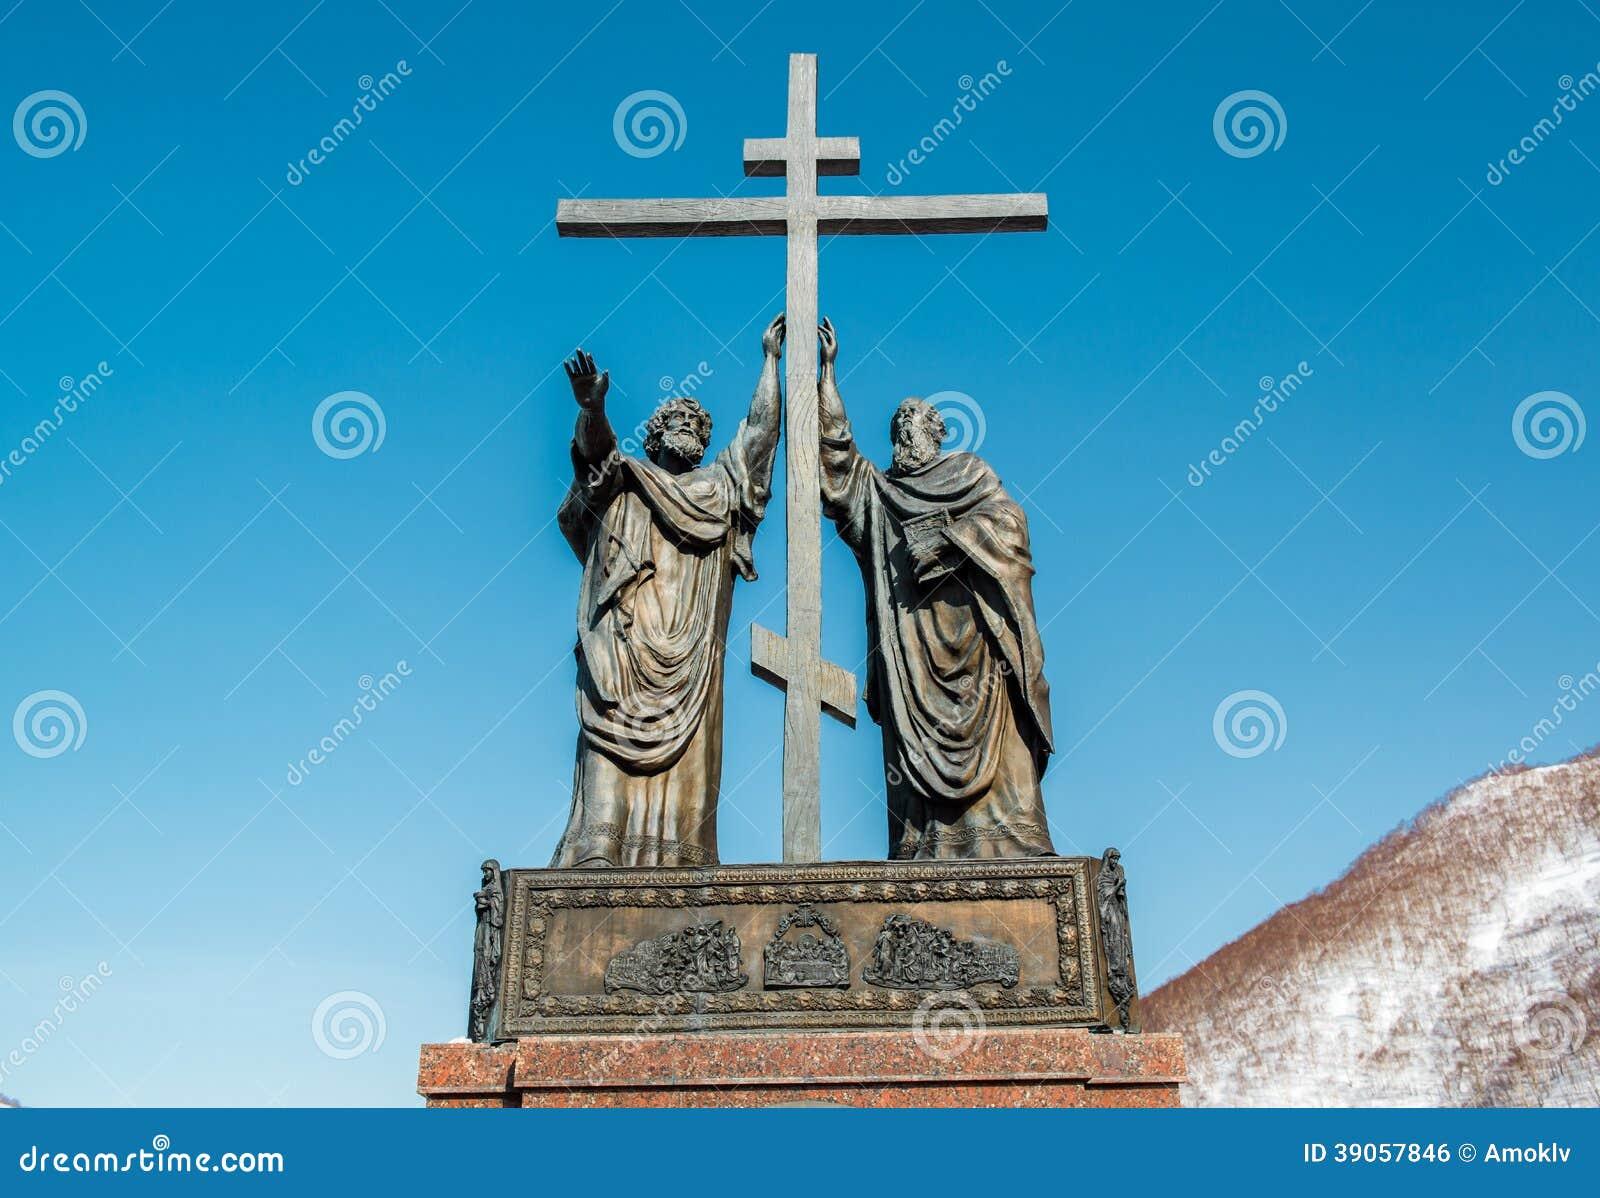 Het monument van de heilige apostelen Peter en Paul